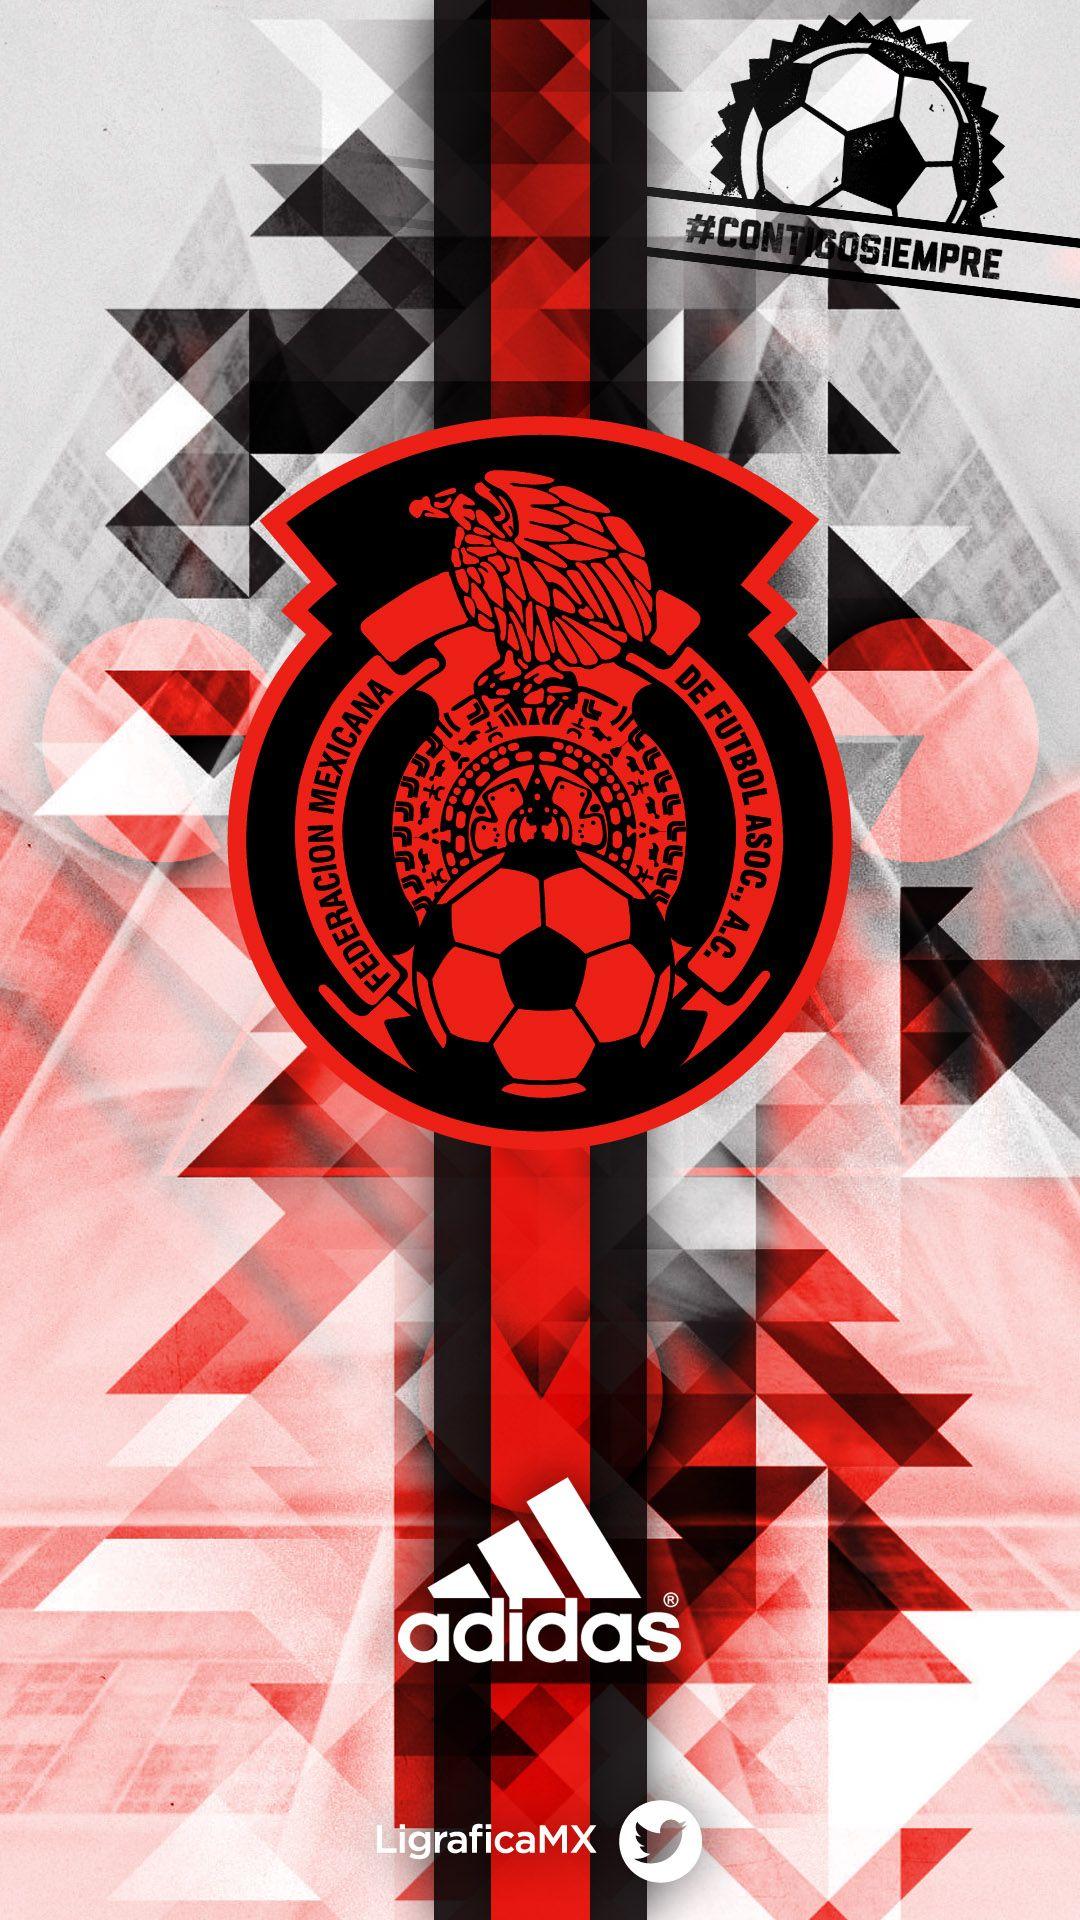 Selección Mexicana contigosiempre • LigraficaMX